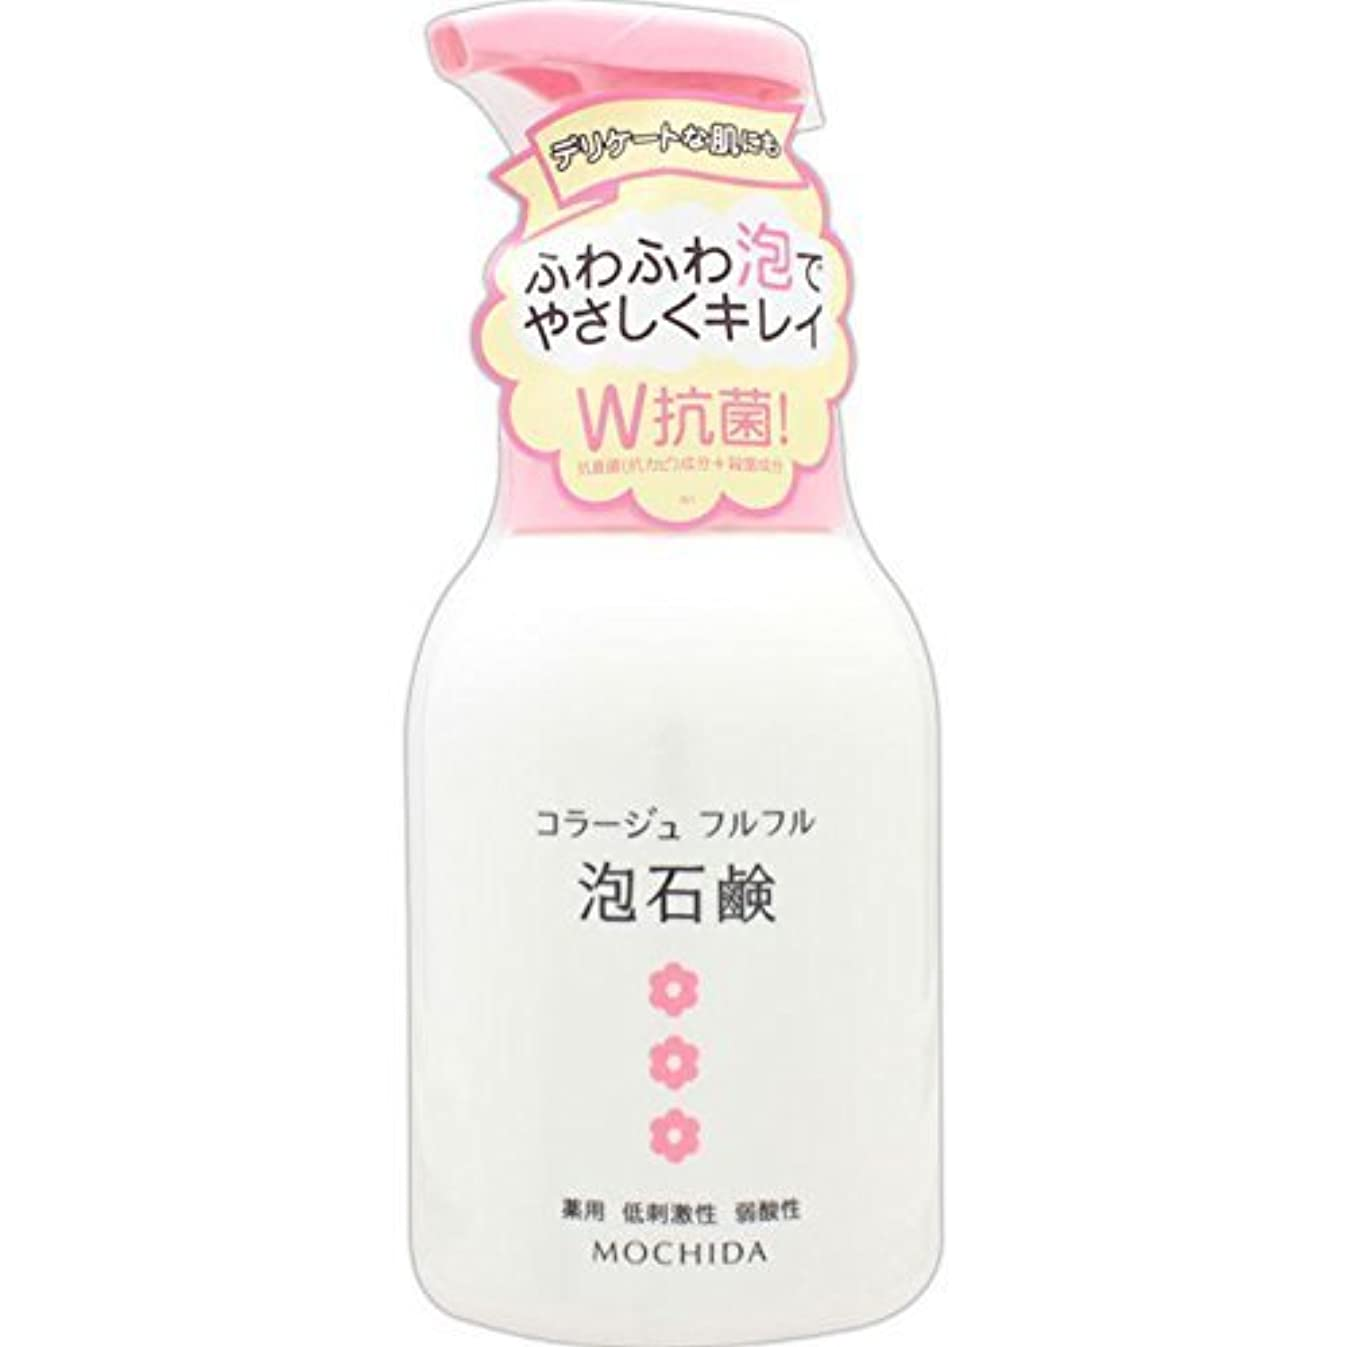 個人的な内訳リテラシーコラージュフルフル 泡石鹸 ピンク 300m L (医薬部外品) ×5